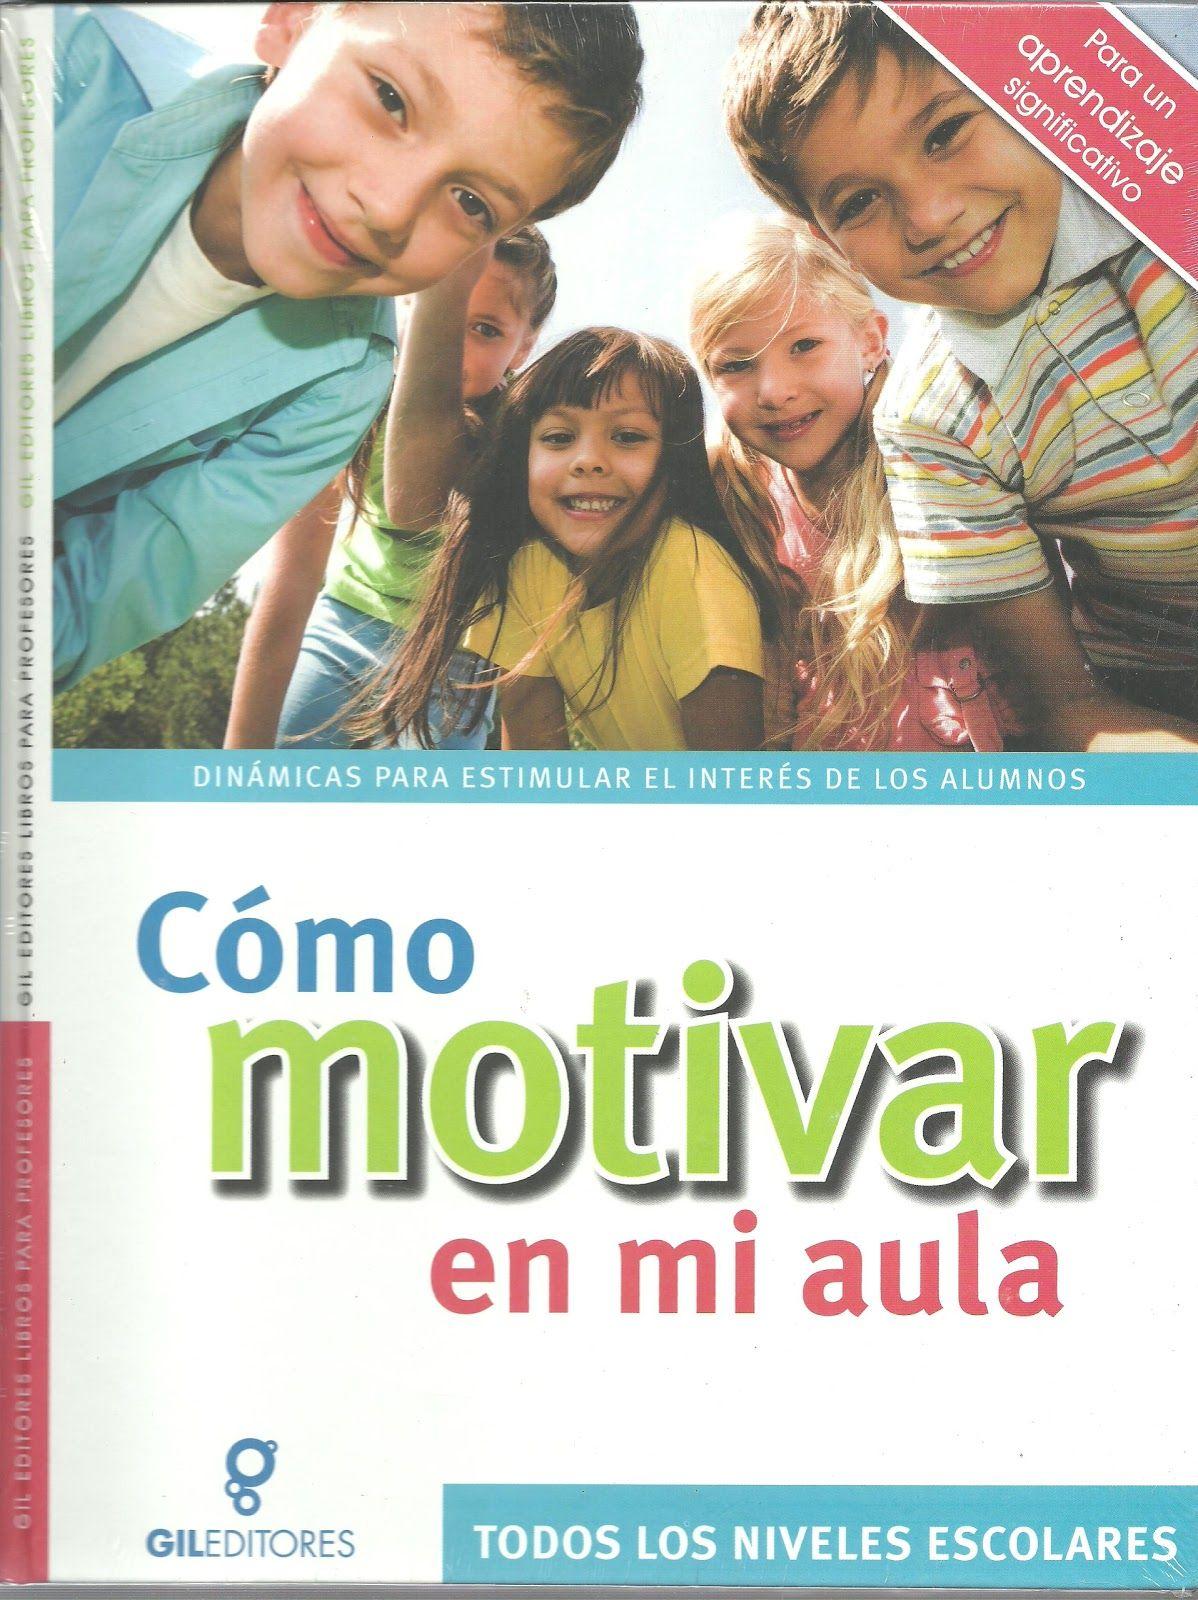 Fundación Arcor   Frases de educacion inicial, Frases de